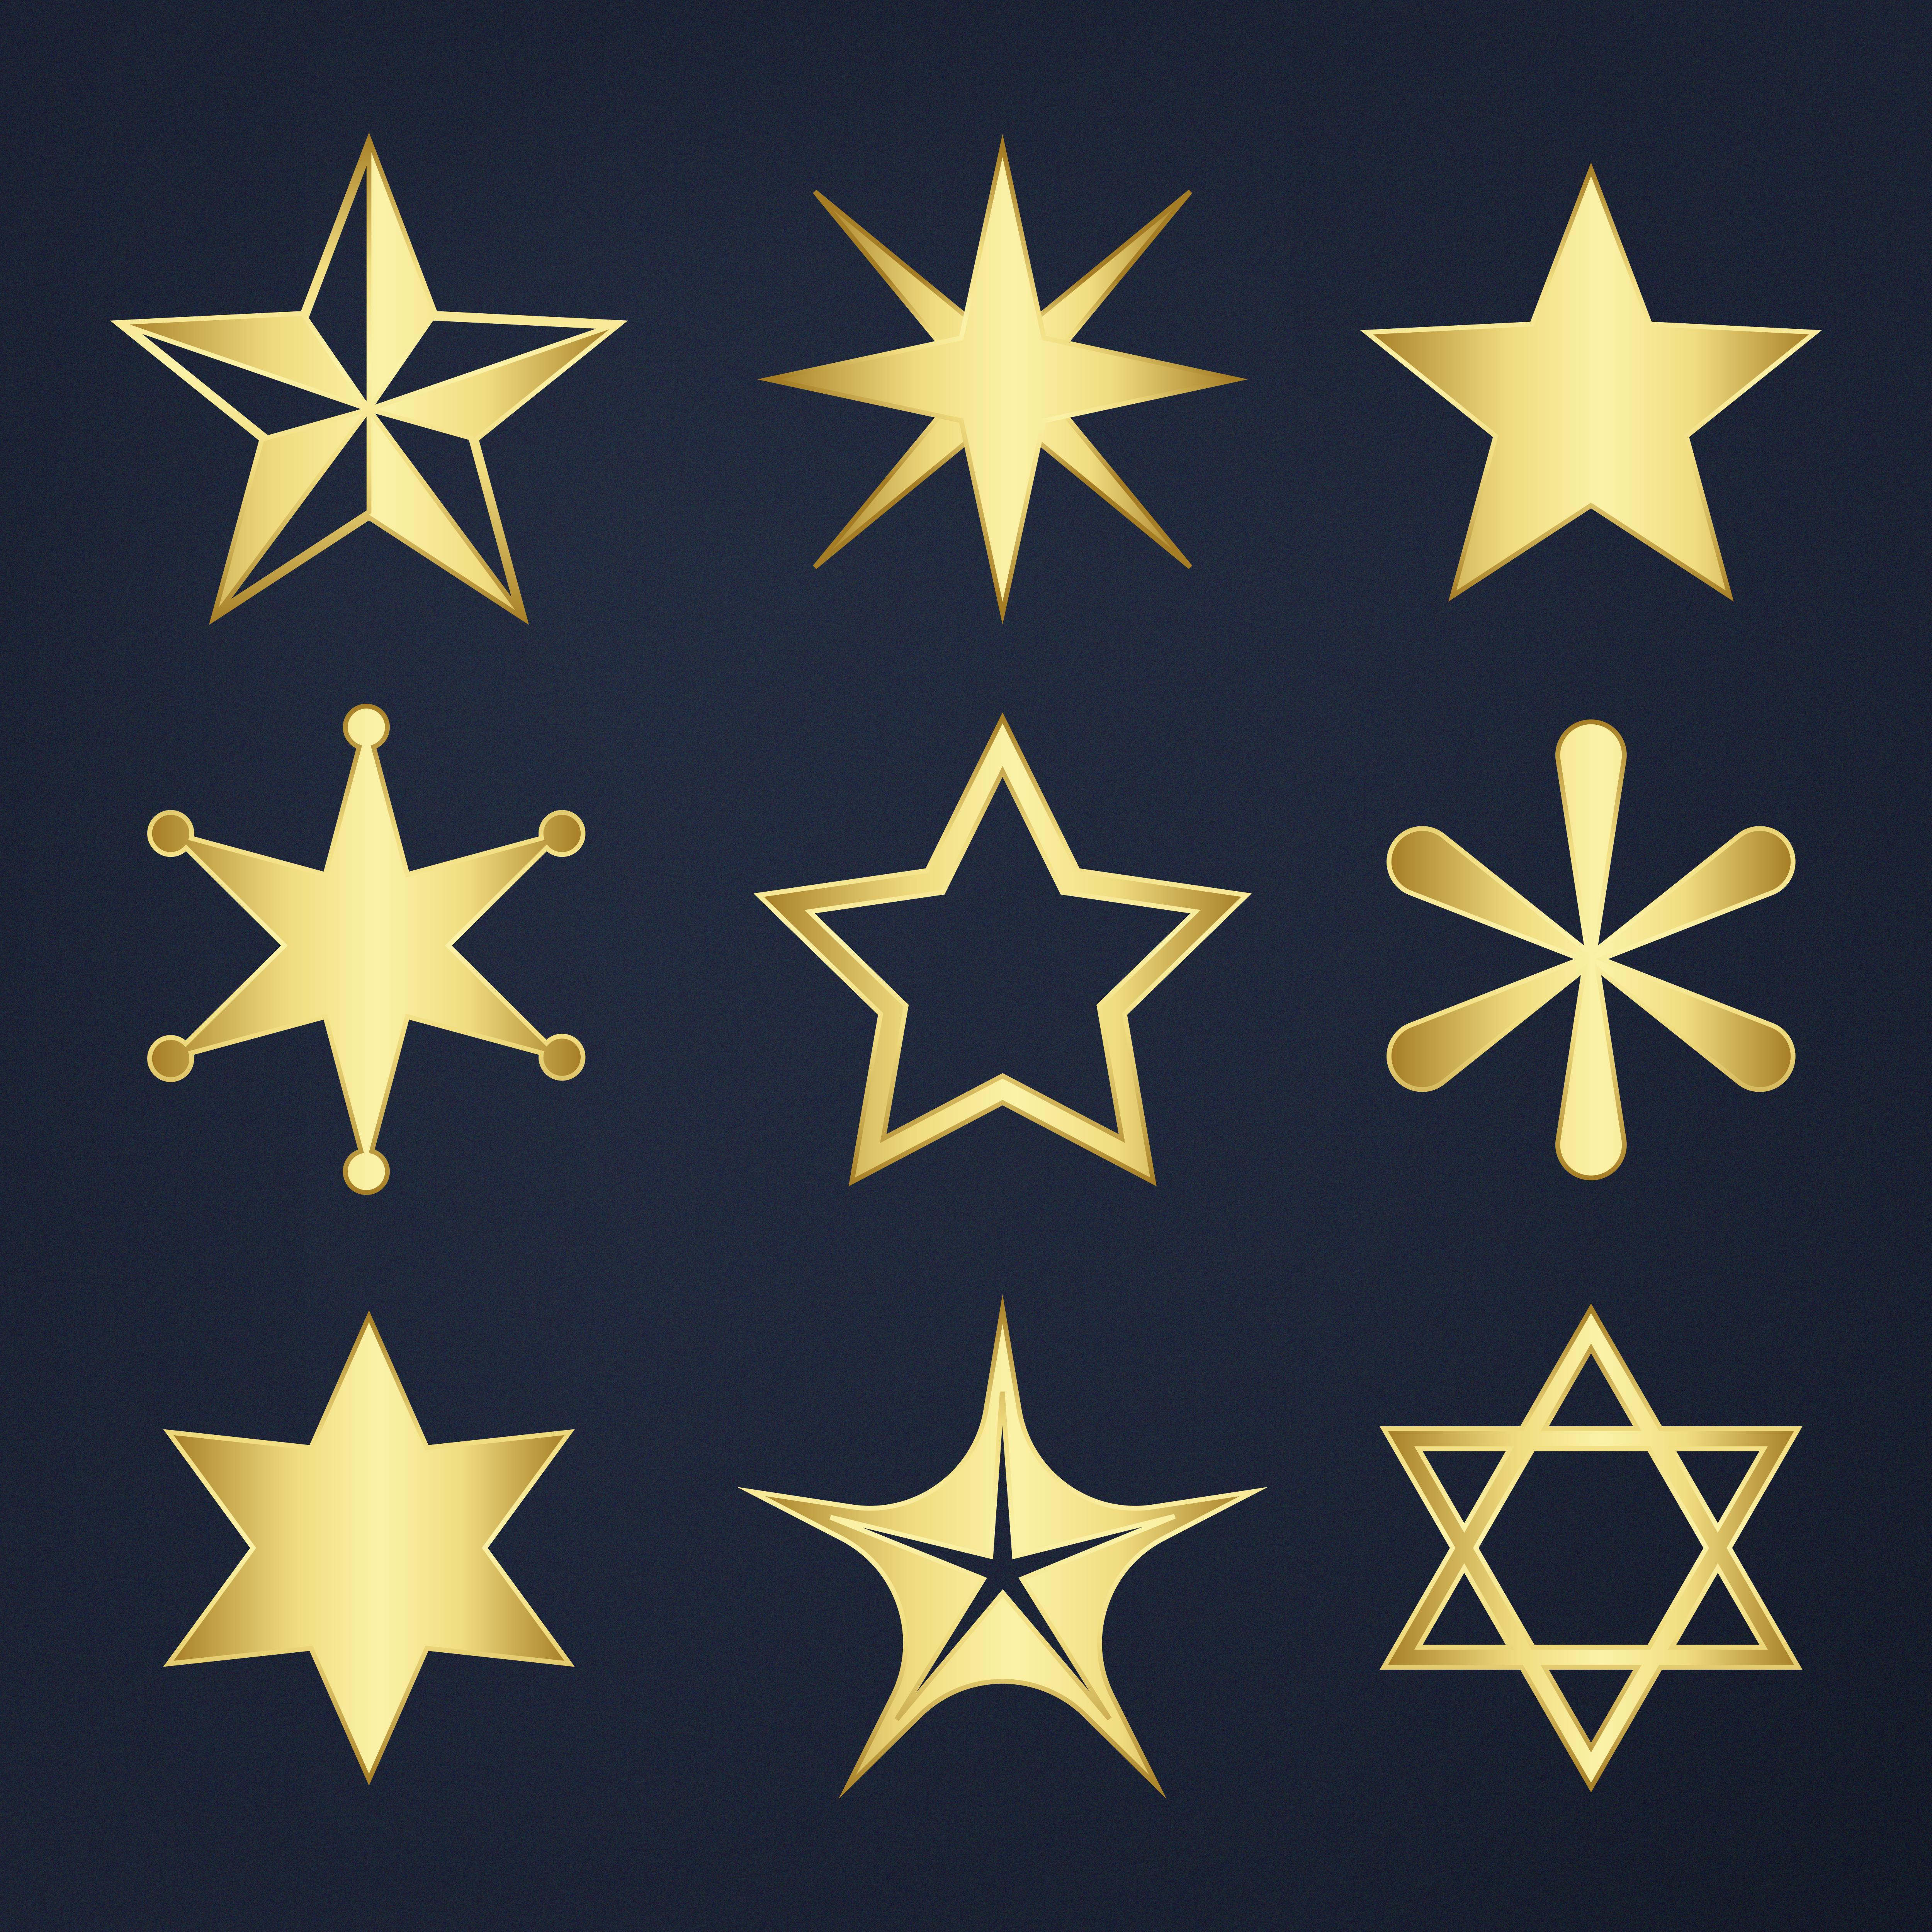 星星 icon 免費下載   天天瘋後製